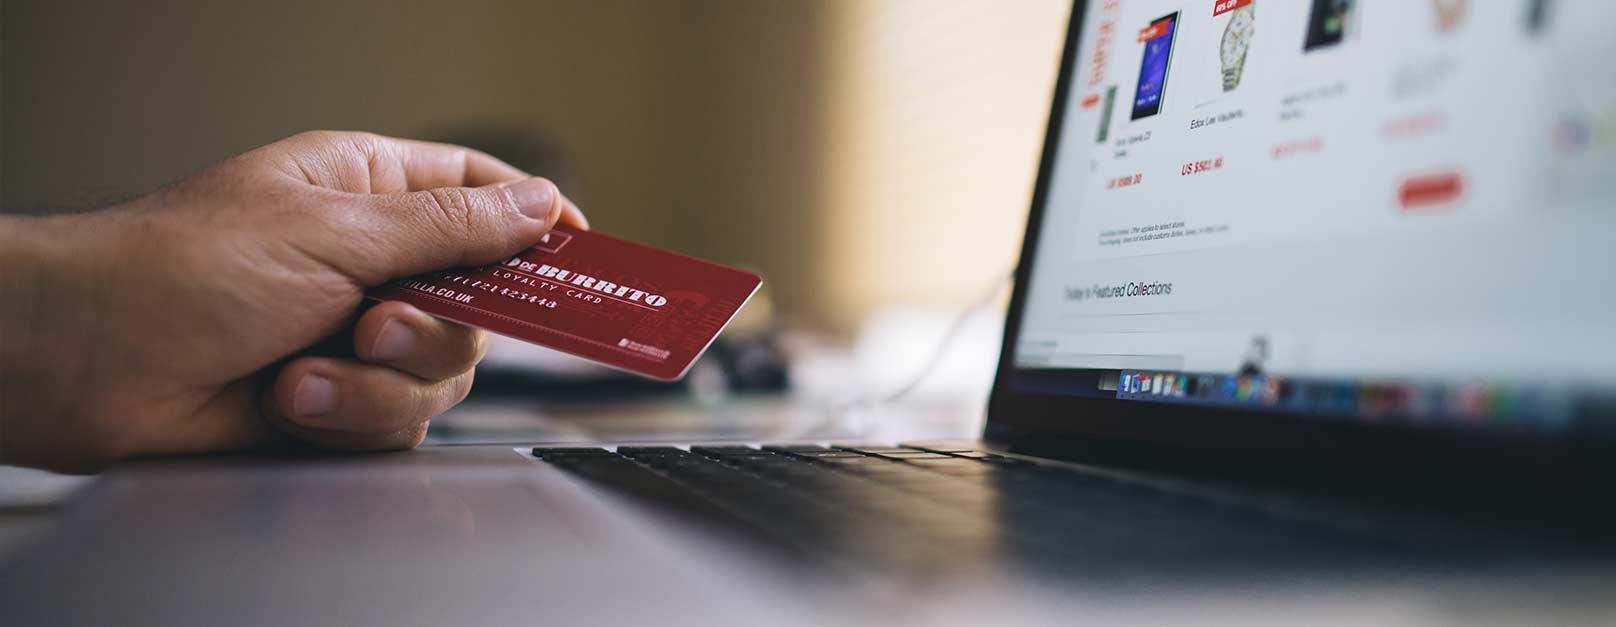 Paiement en ligne sécurisé en plusieurs fois par carte bancaire